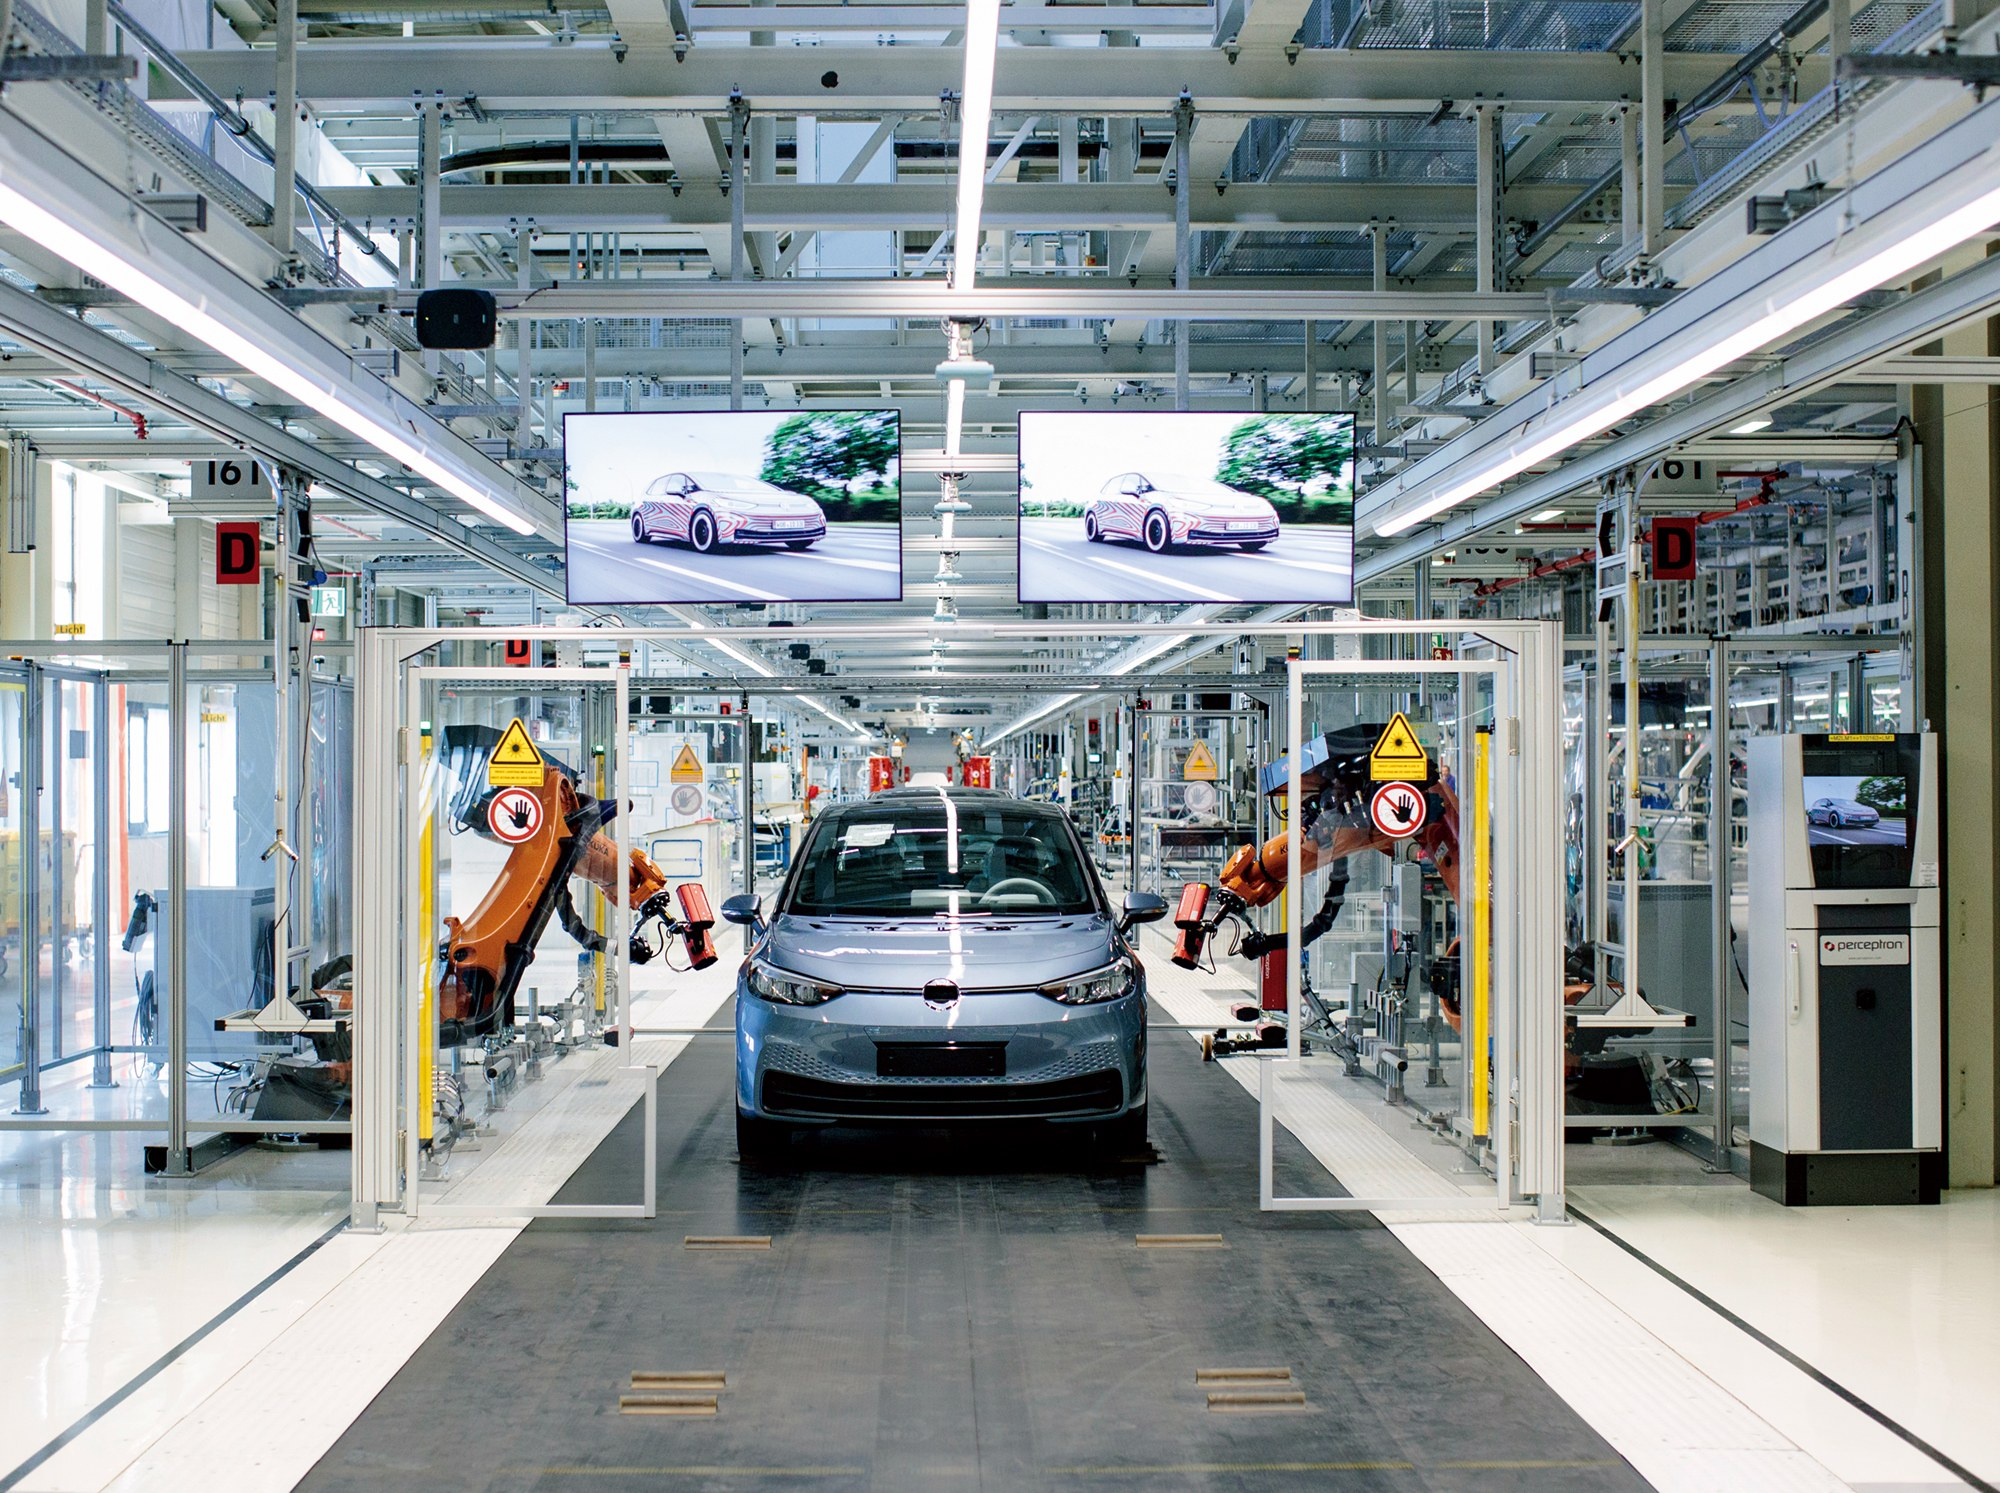 フランクフルトモーターショー、ツヴィッカウ工場、EVカーシェアの街ベルリンへ潜入──電気自動車は、世界を塗り替える?